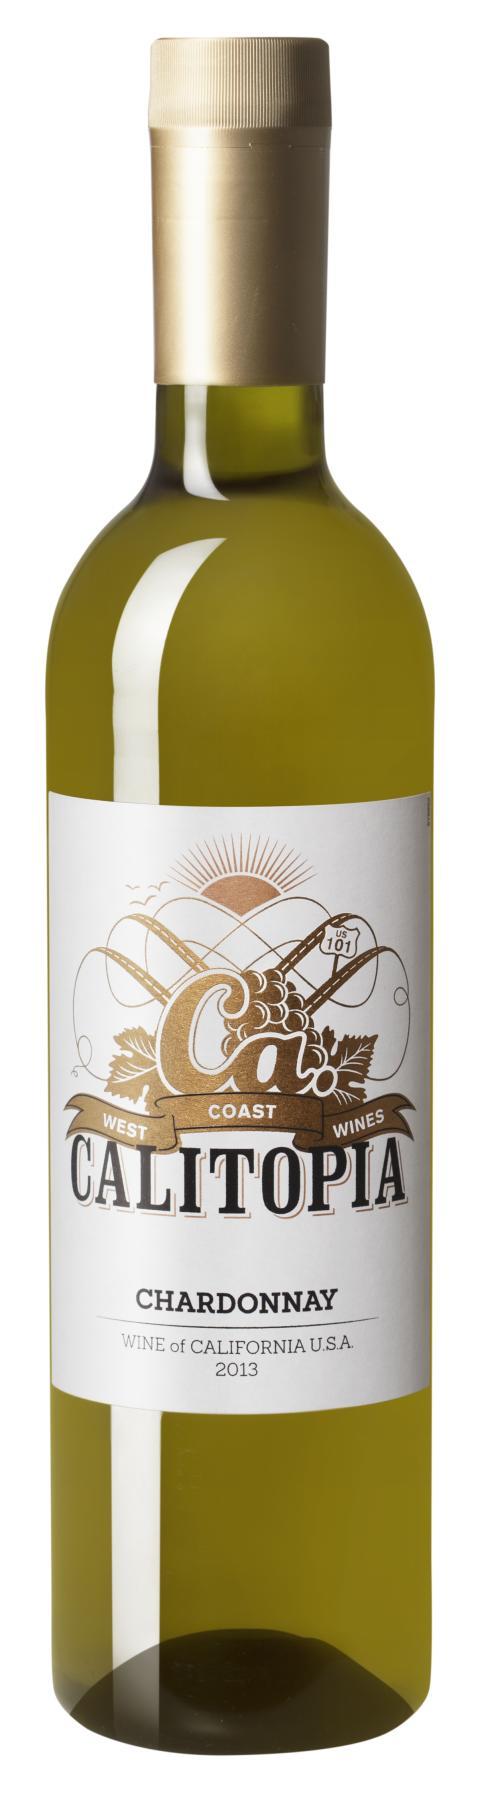 Calitopia Chardonnay sätter guldkant på vinutbudet på PET-flaska  – kaliforniskt chardonnay i smart förpackning lagom till sommaren